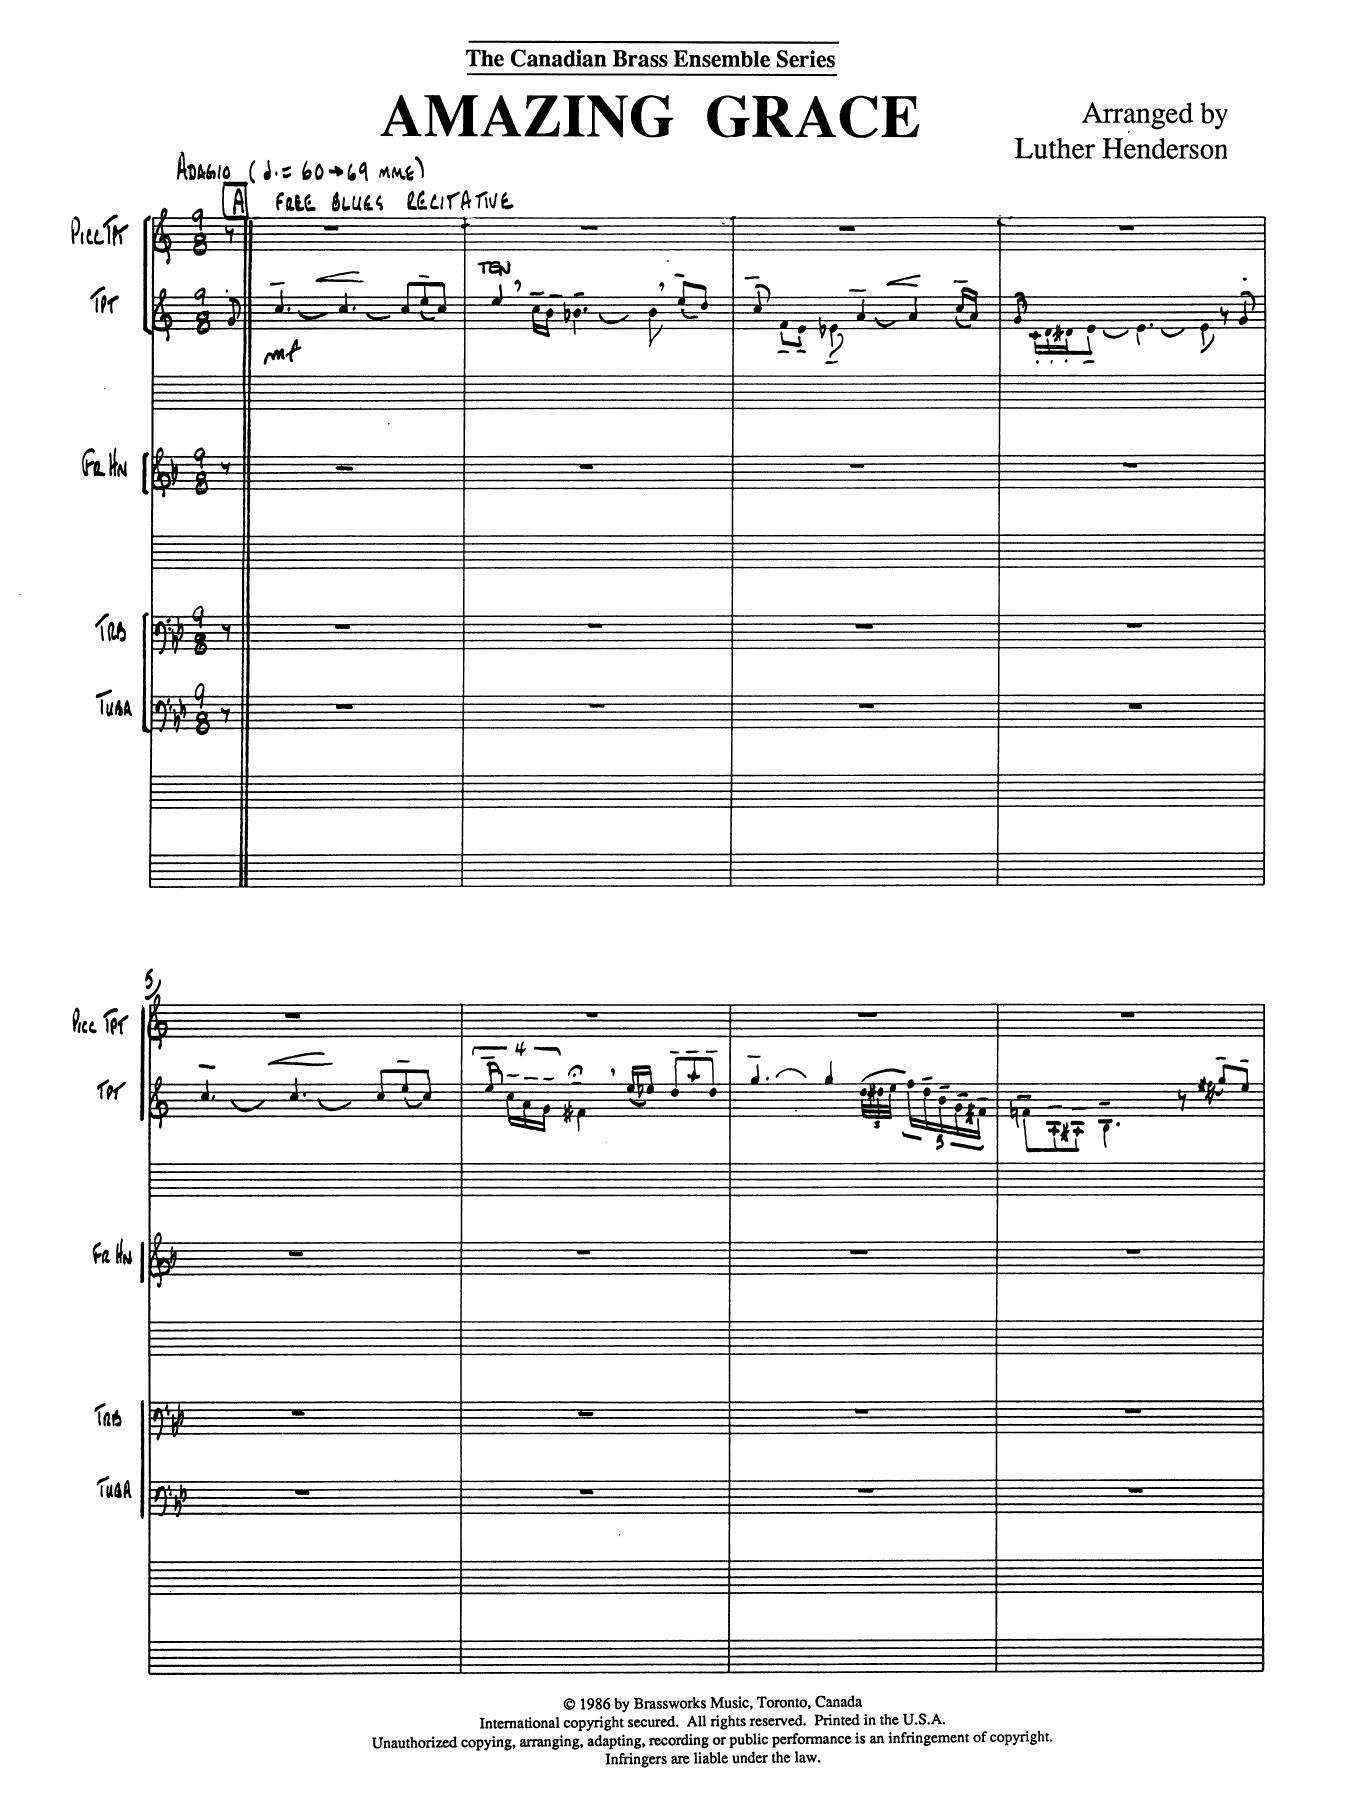 Amazing Grace - Full Score Sheet Music